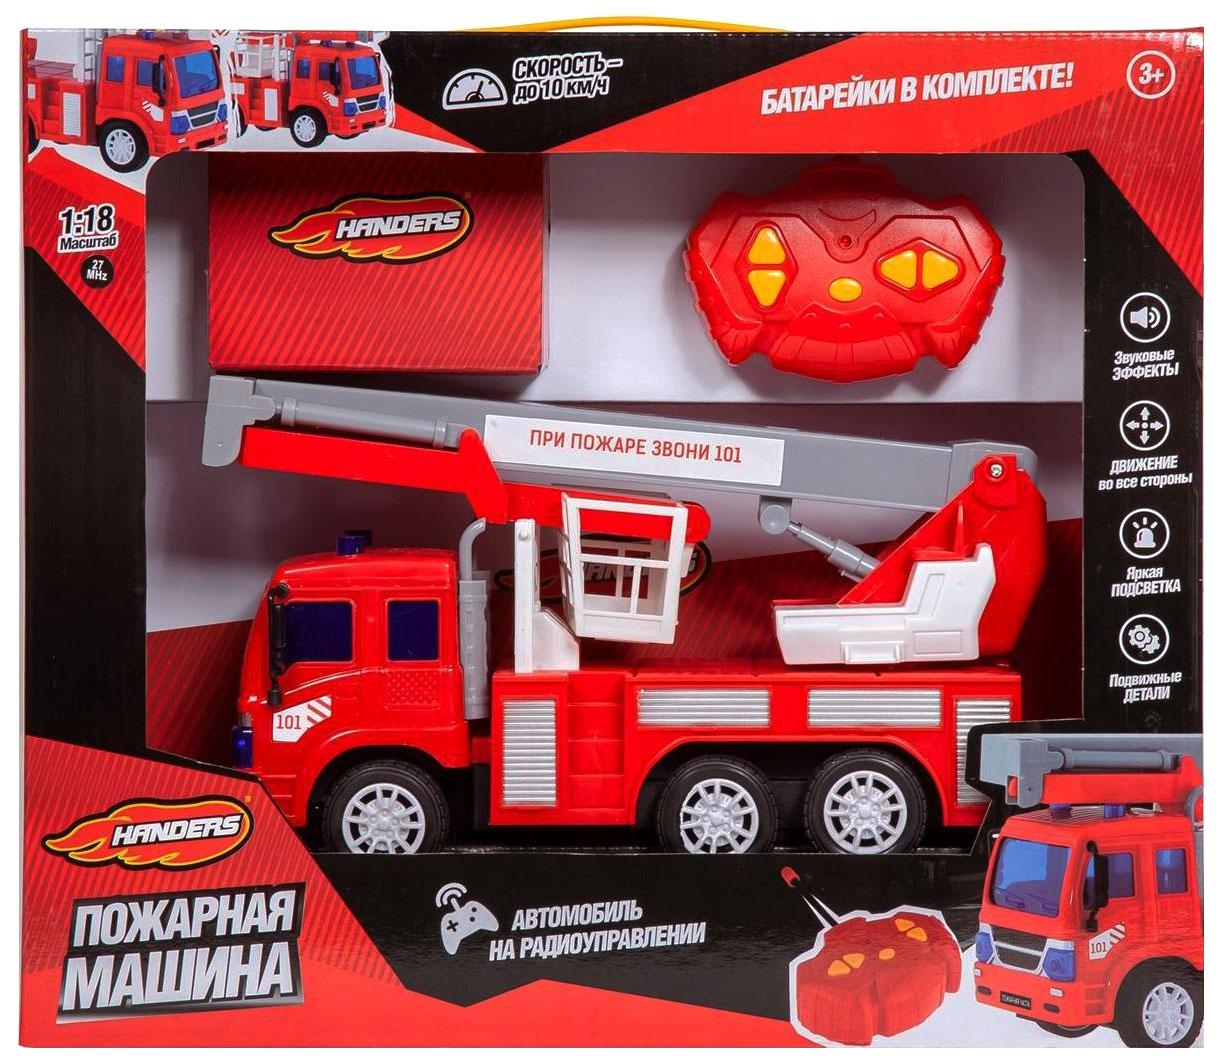 Купить Радиоуправляемая пожарная машина Handers Автовышка со световыми и звуковыми эффектами 26см, Радиоуправляемая спецтехника